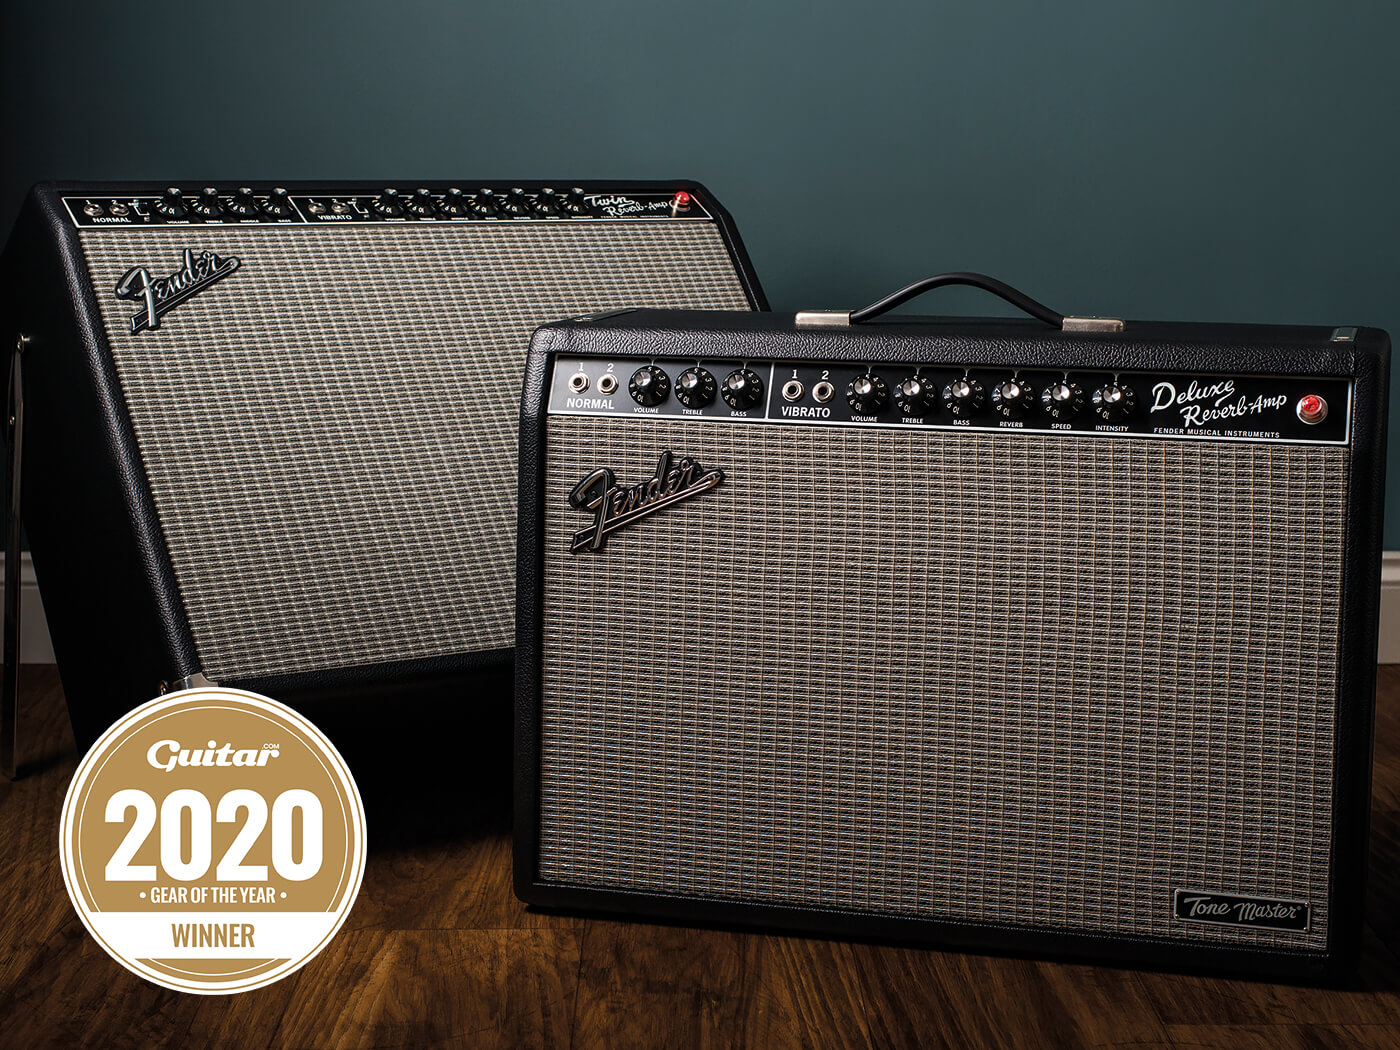 Fender Tone Master GOTY